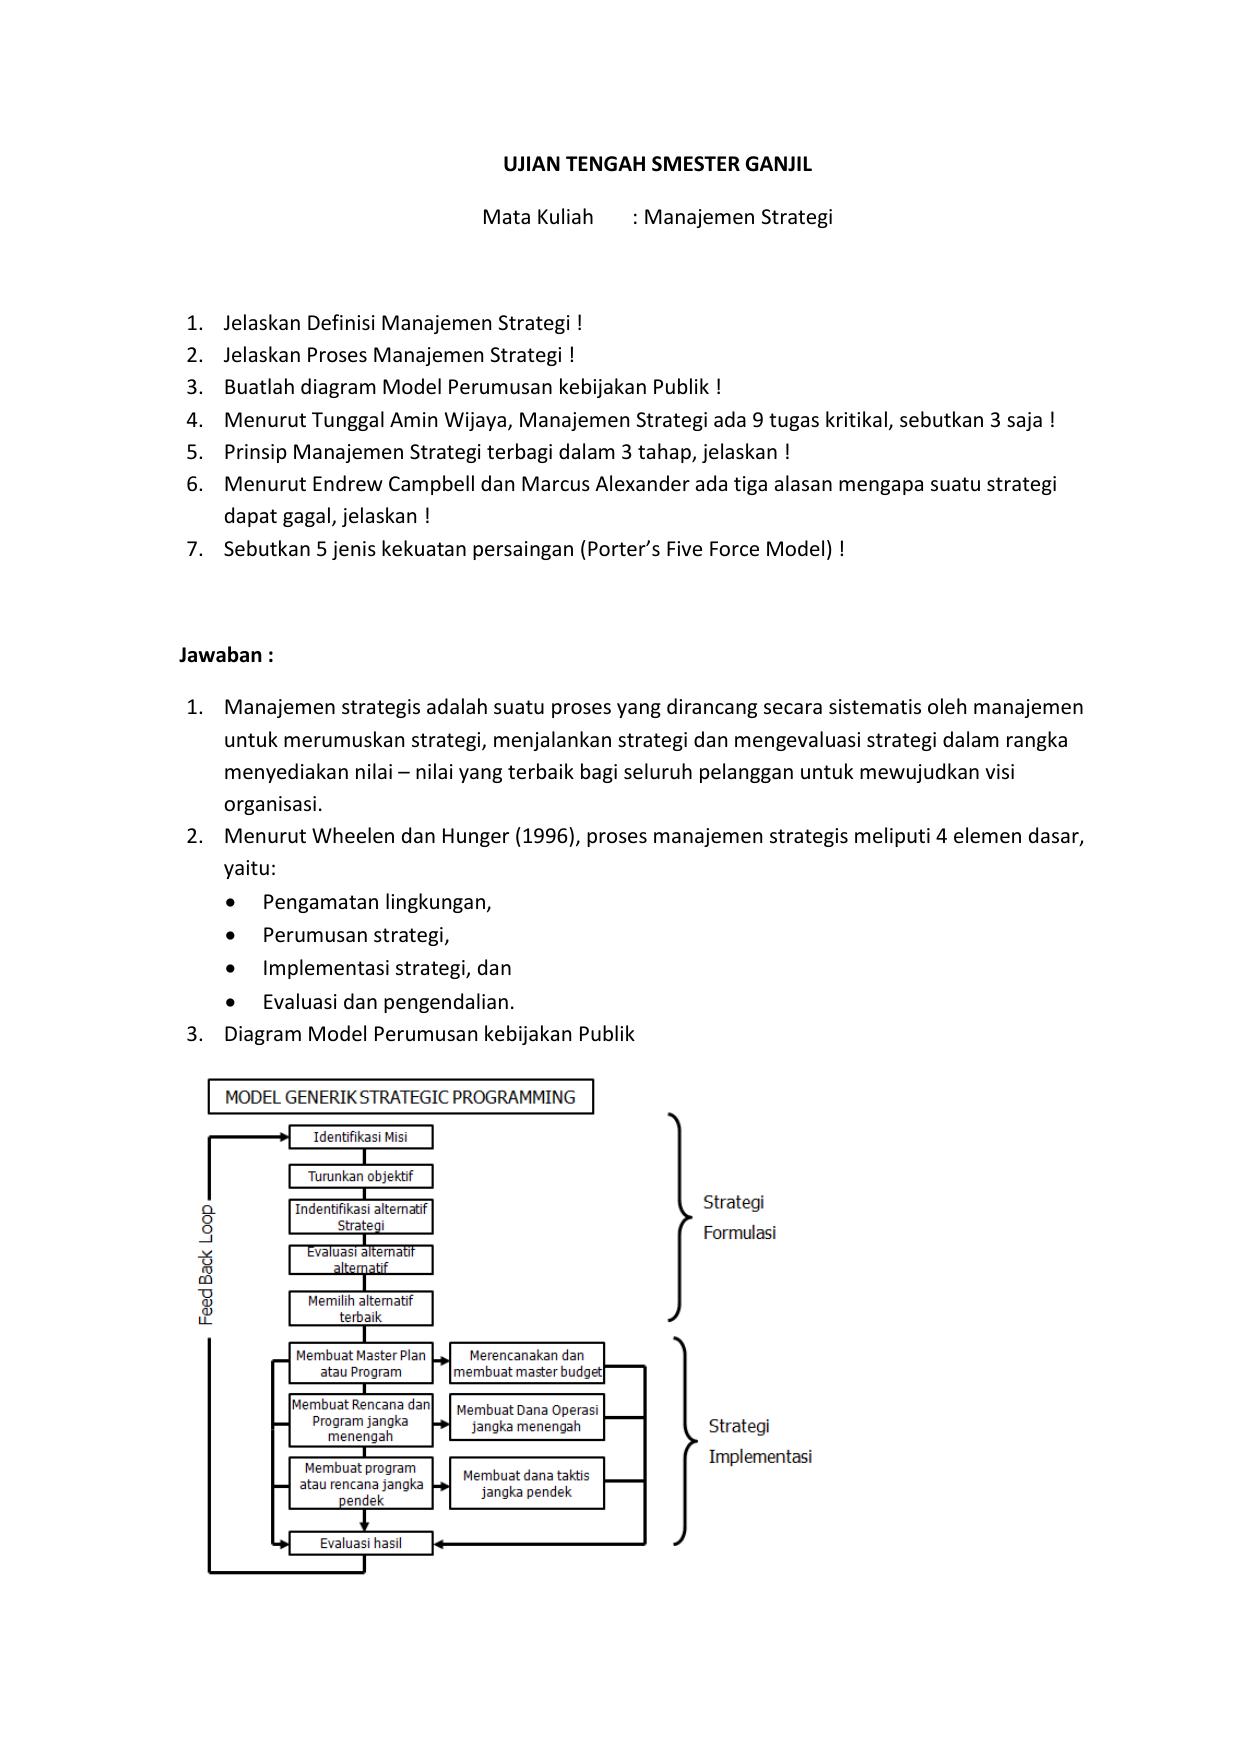 Analisis SWOT, Pengertian, Manfaat dan Contohnya